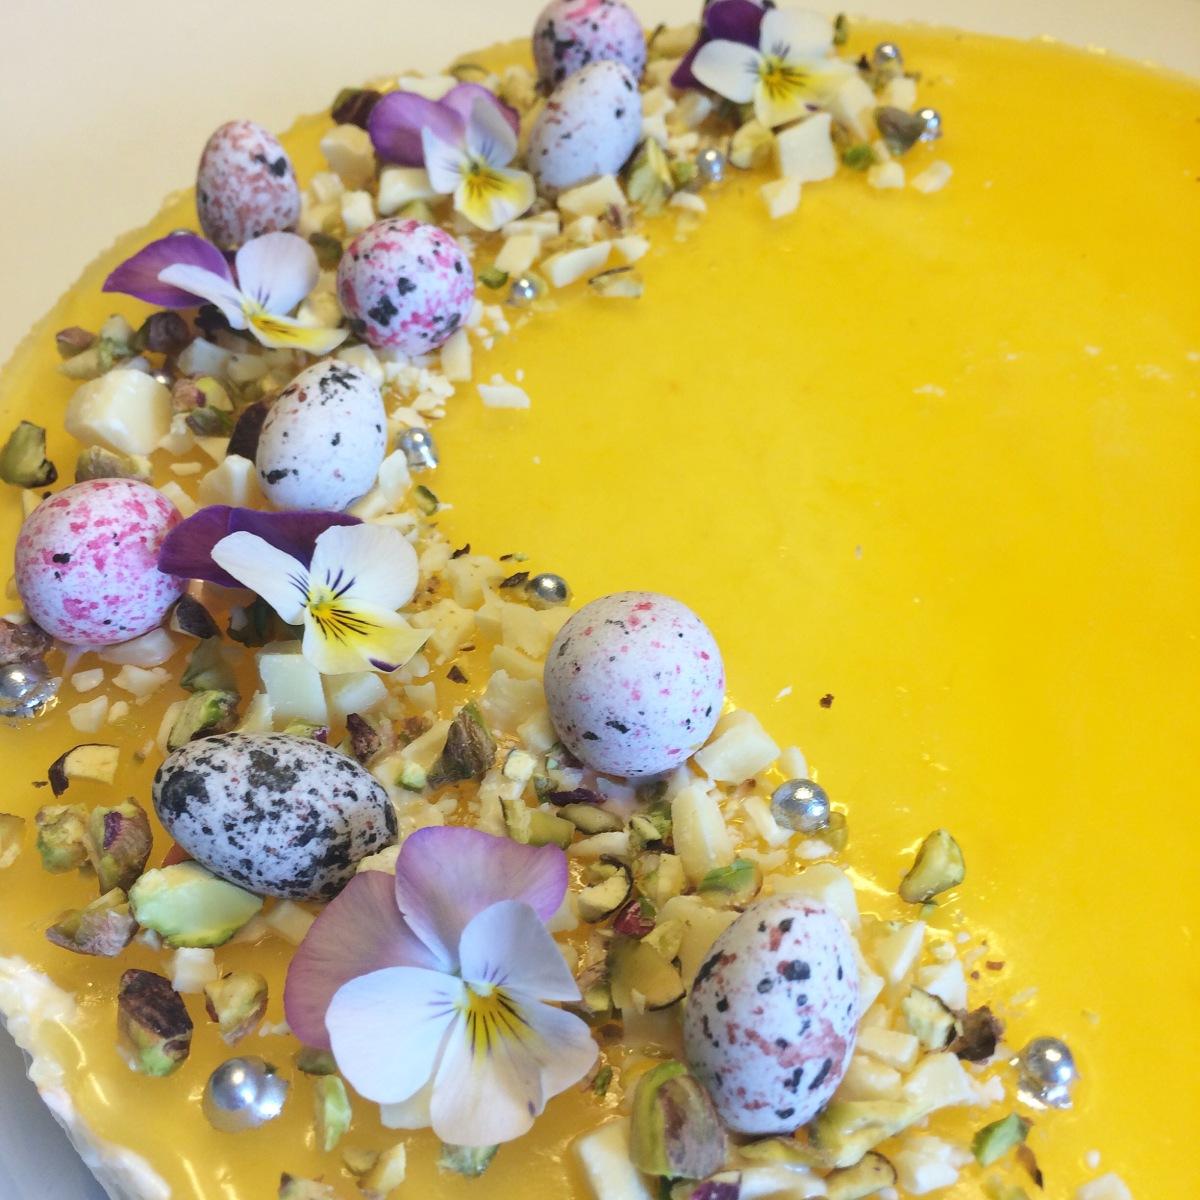 Den ultimative påskekage - appelsincheesecake med påskeæg